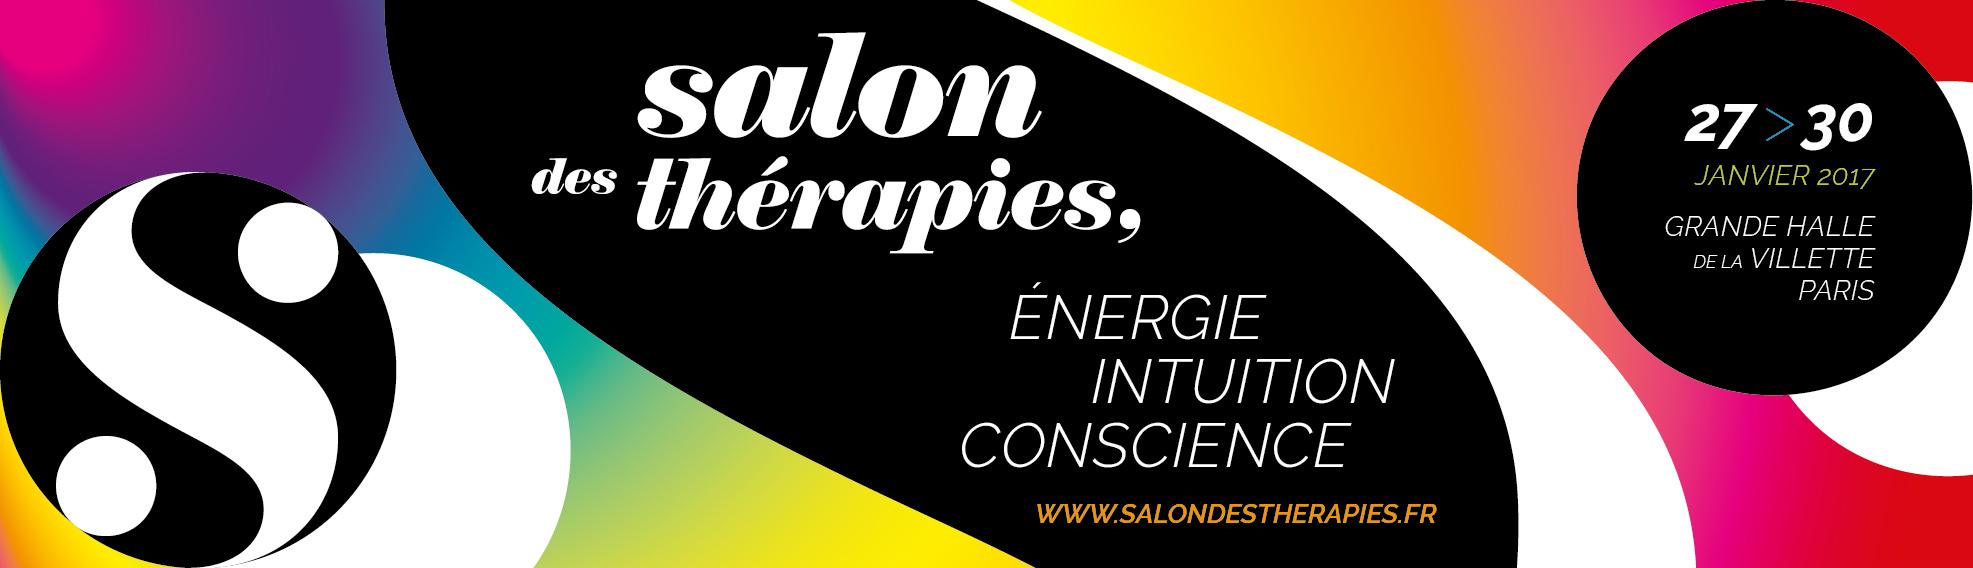 Salon des thérapies